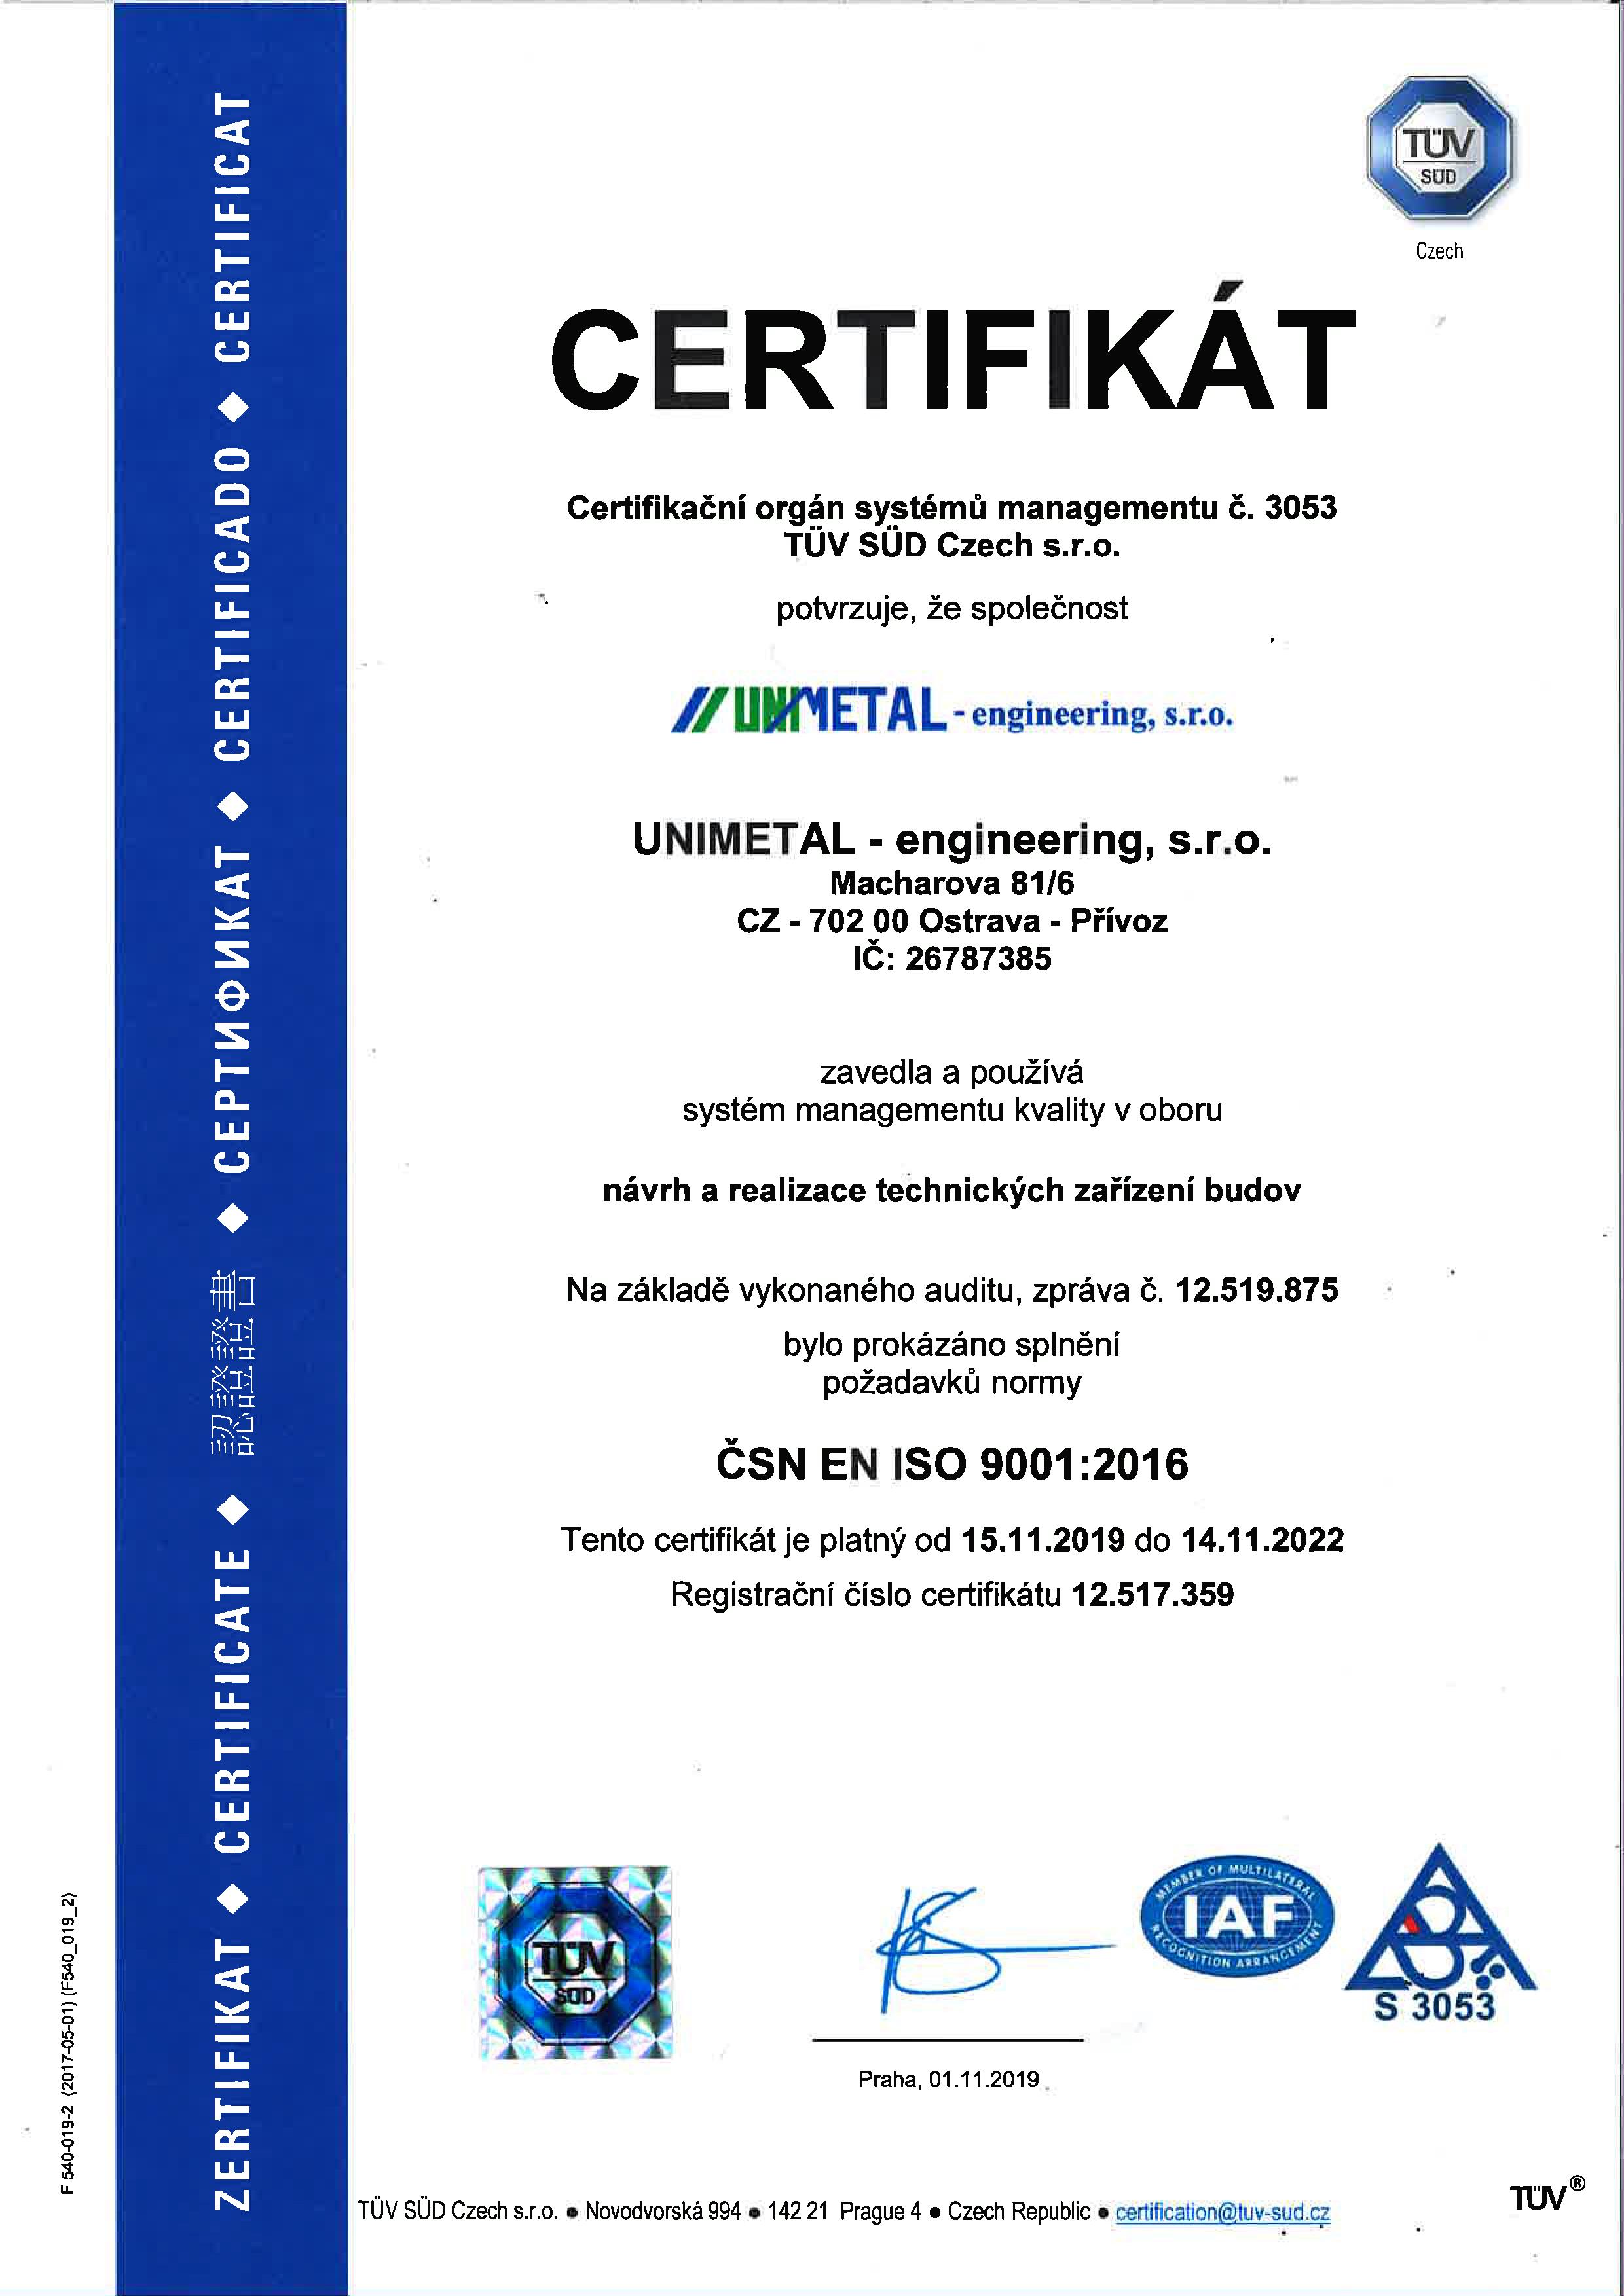 Certifikace dle ČSN EN ISO 9001:2016